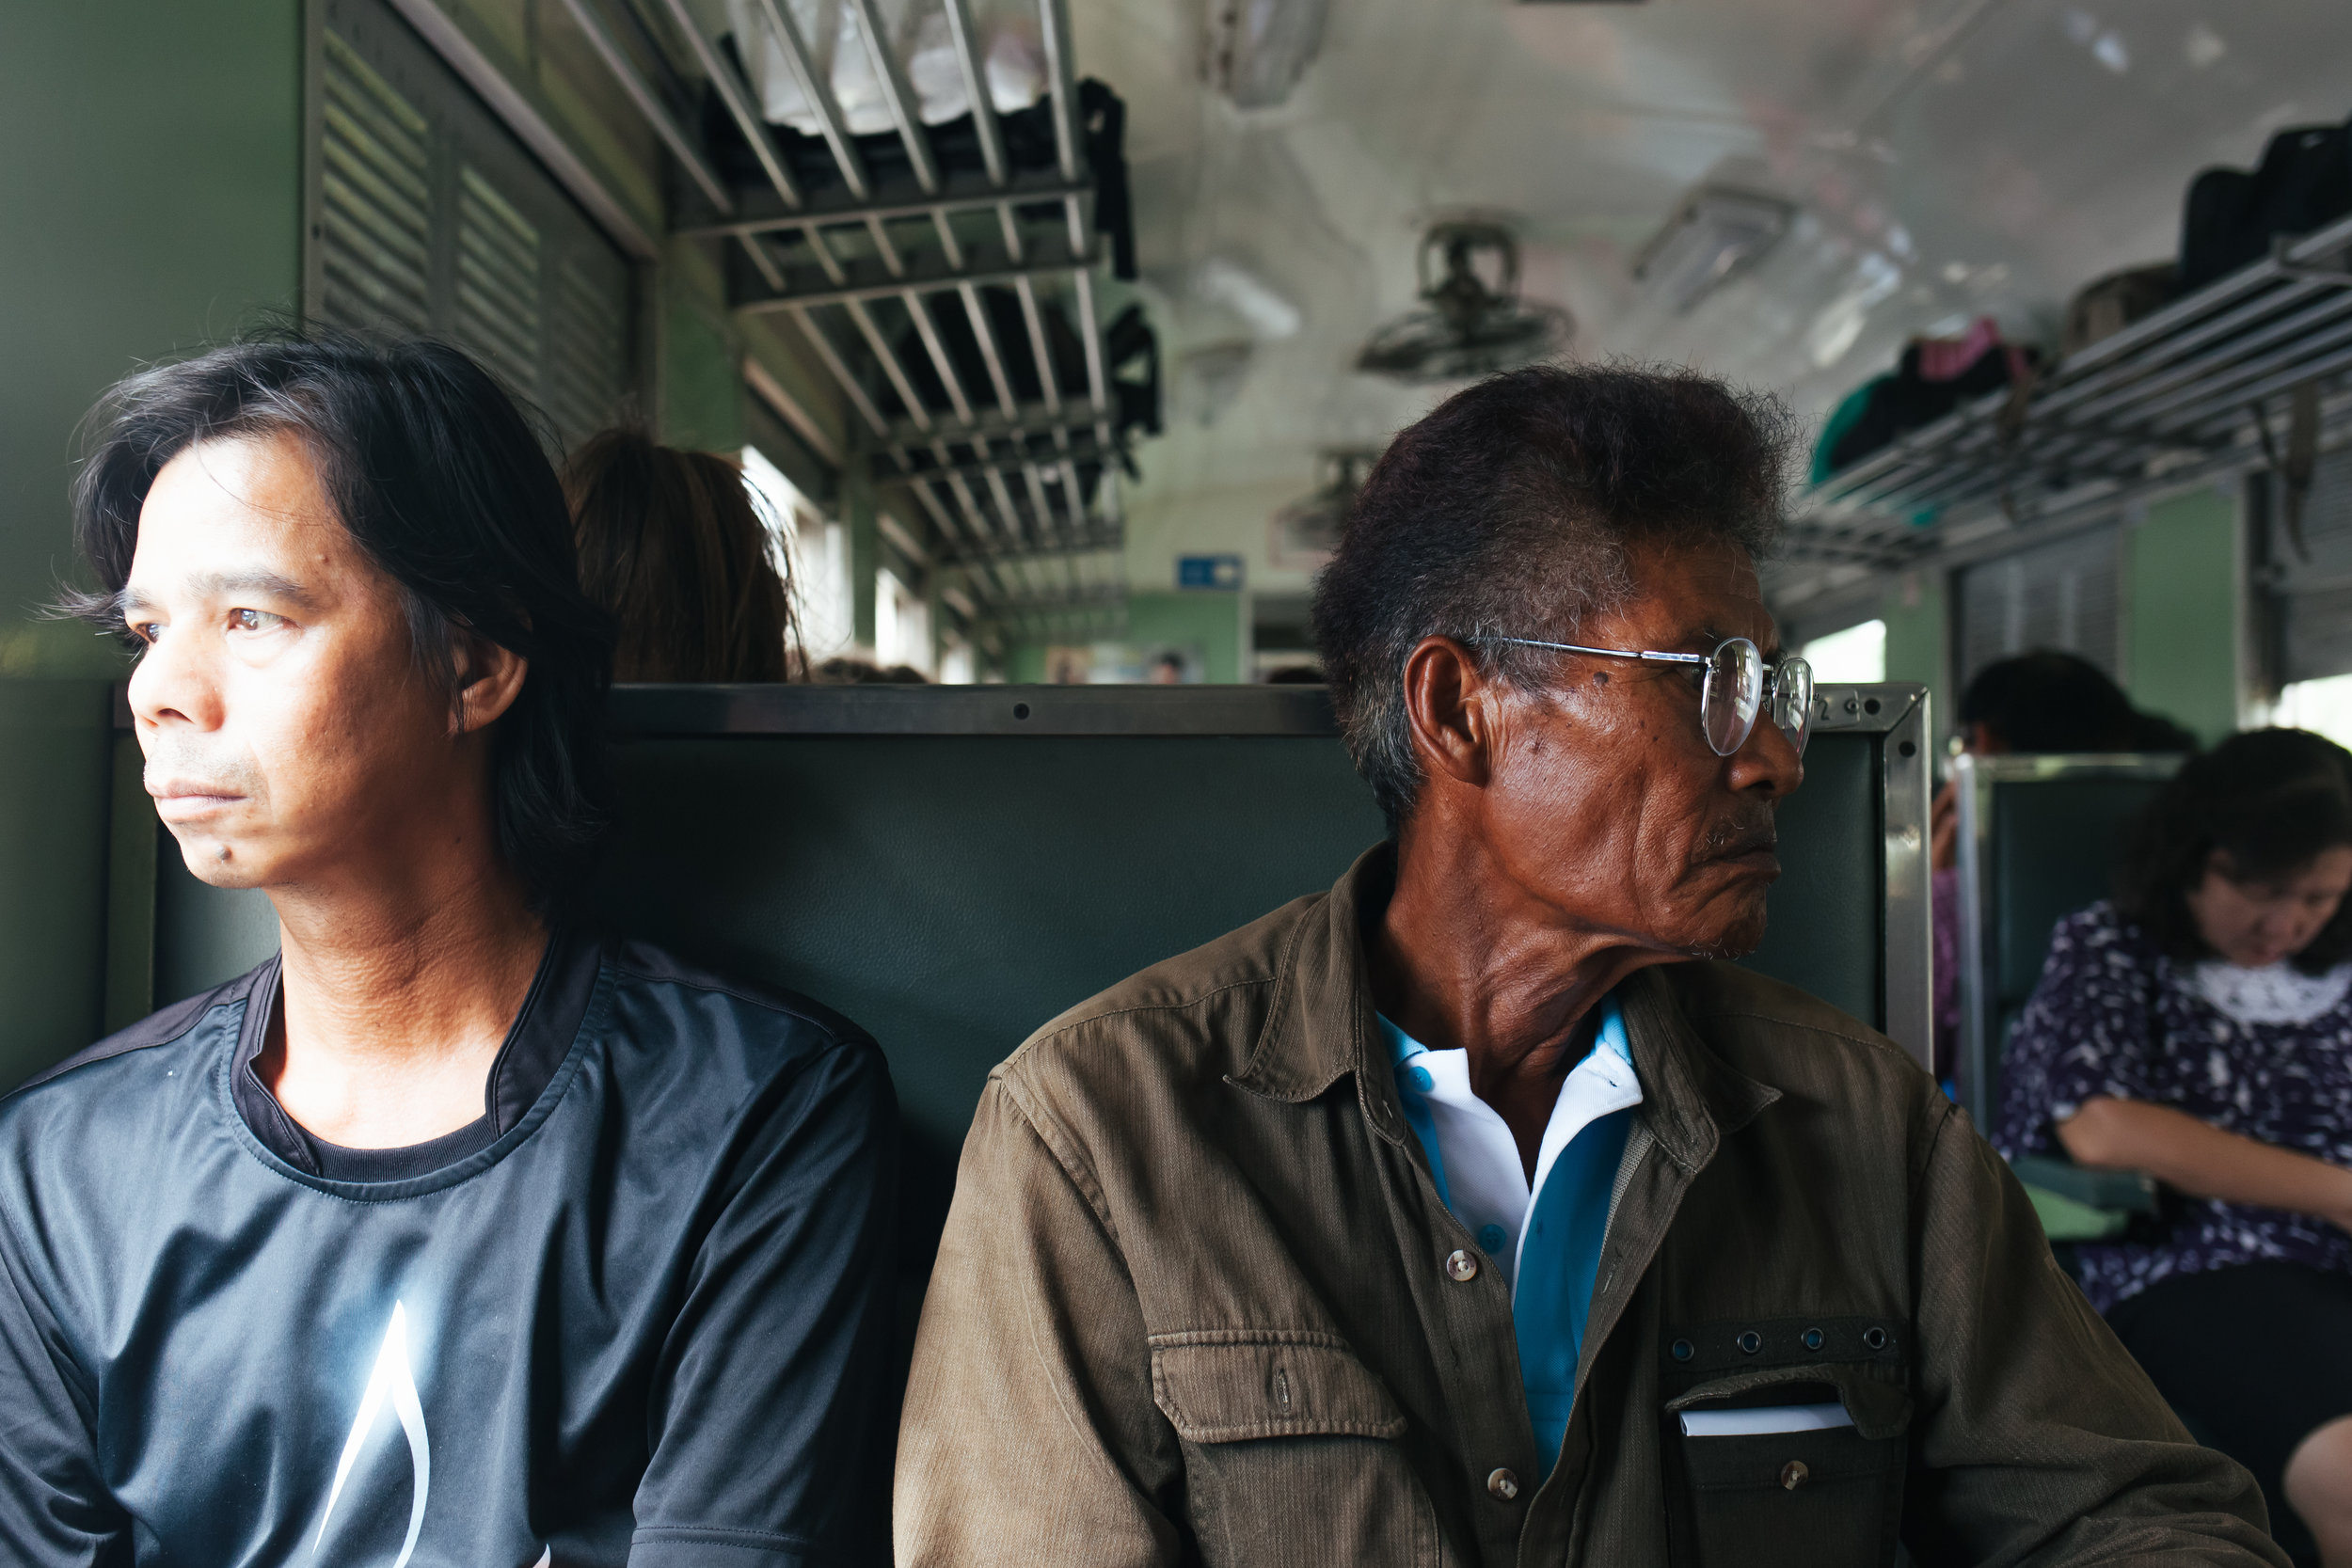 thailand_lampang_ayuthaya_train (50 of 77).jpg